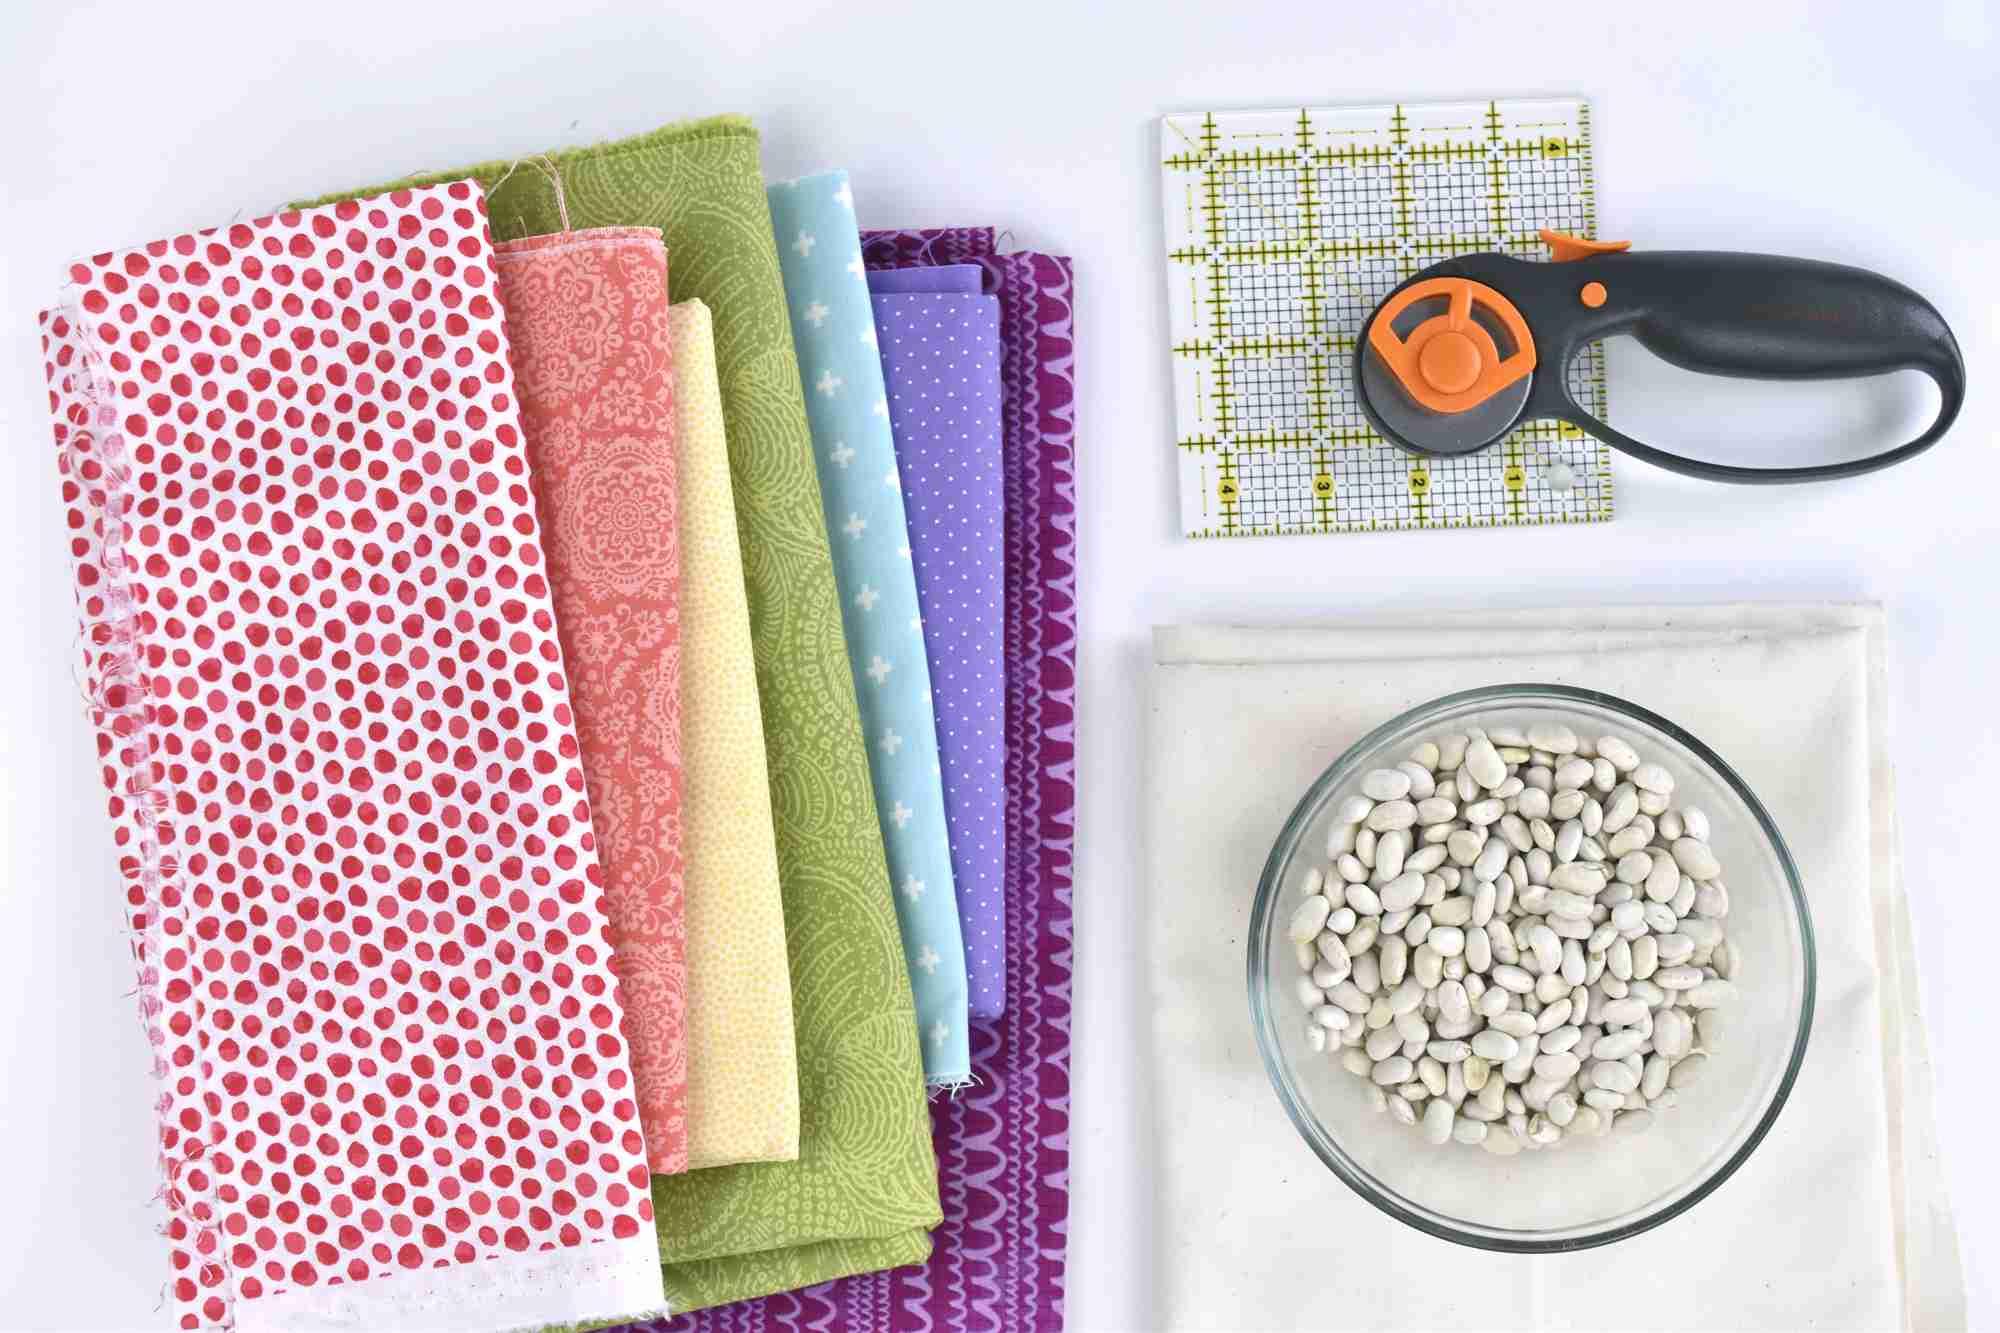 bean bag tools and supplies